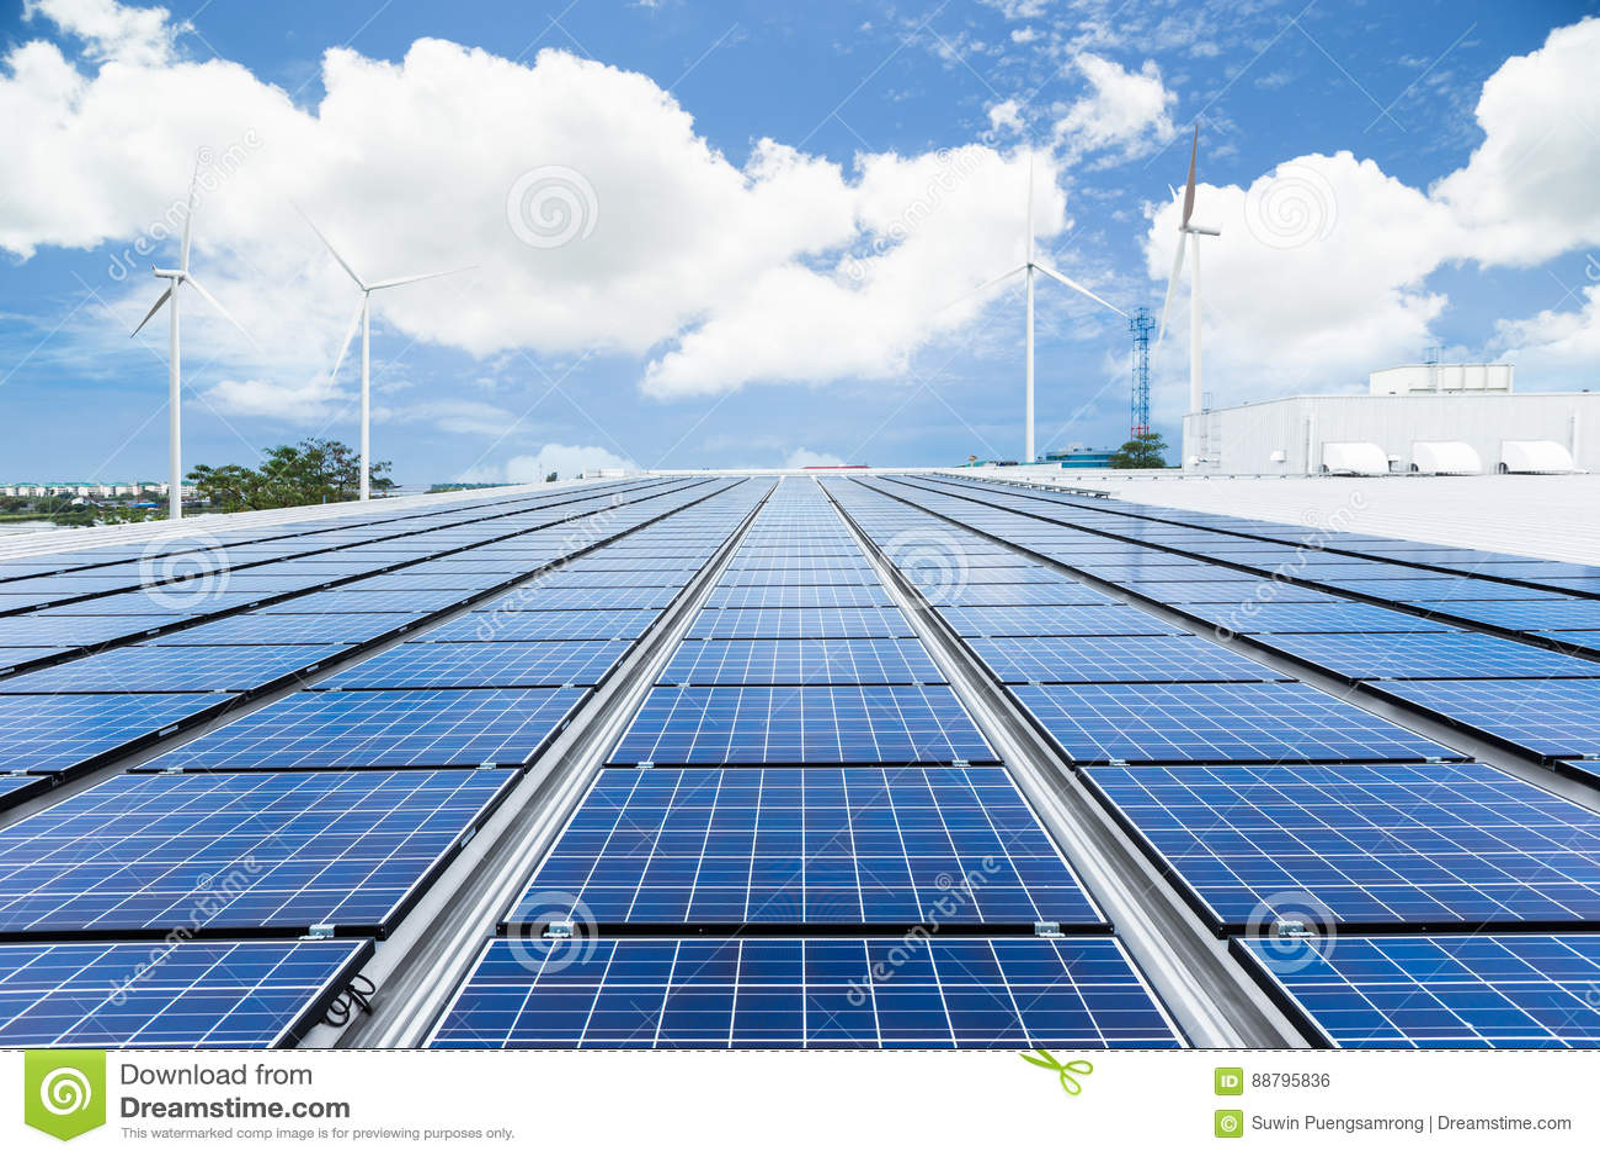 Sonnenkollektoren auf Fabrikdach